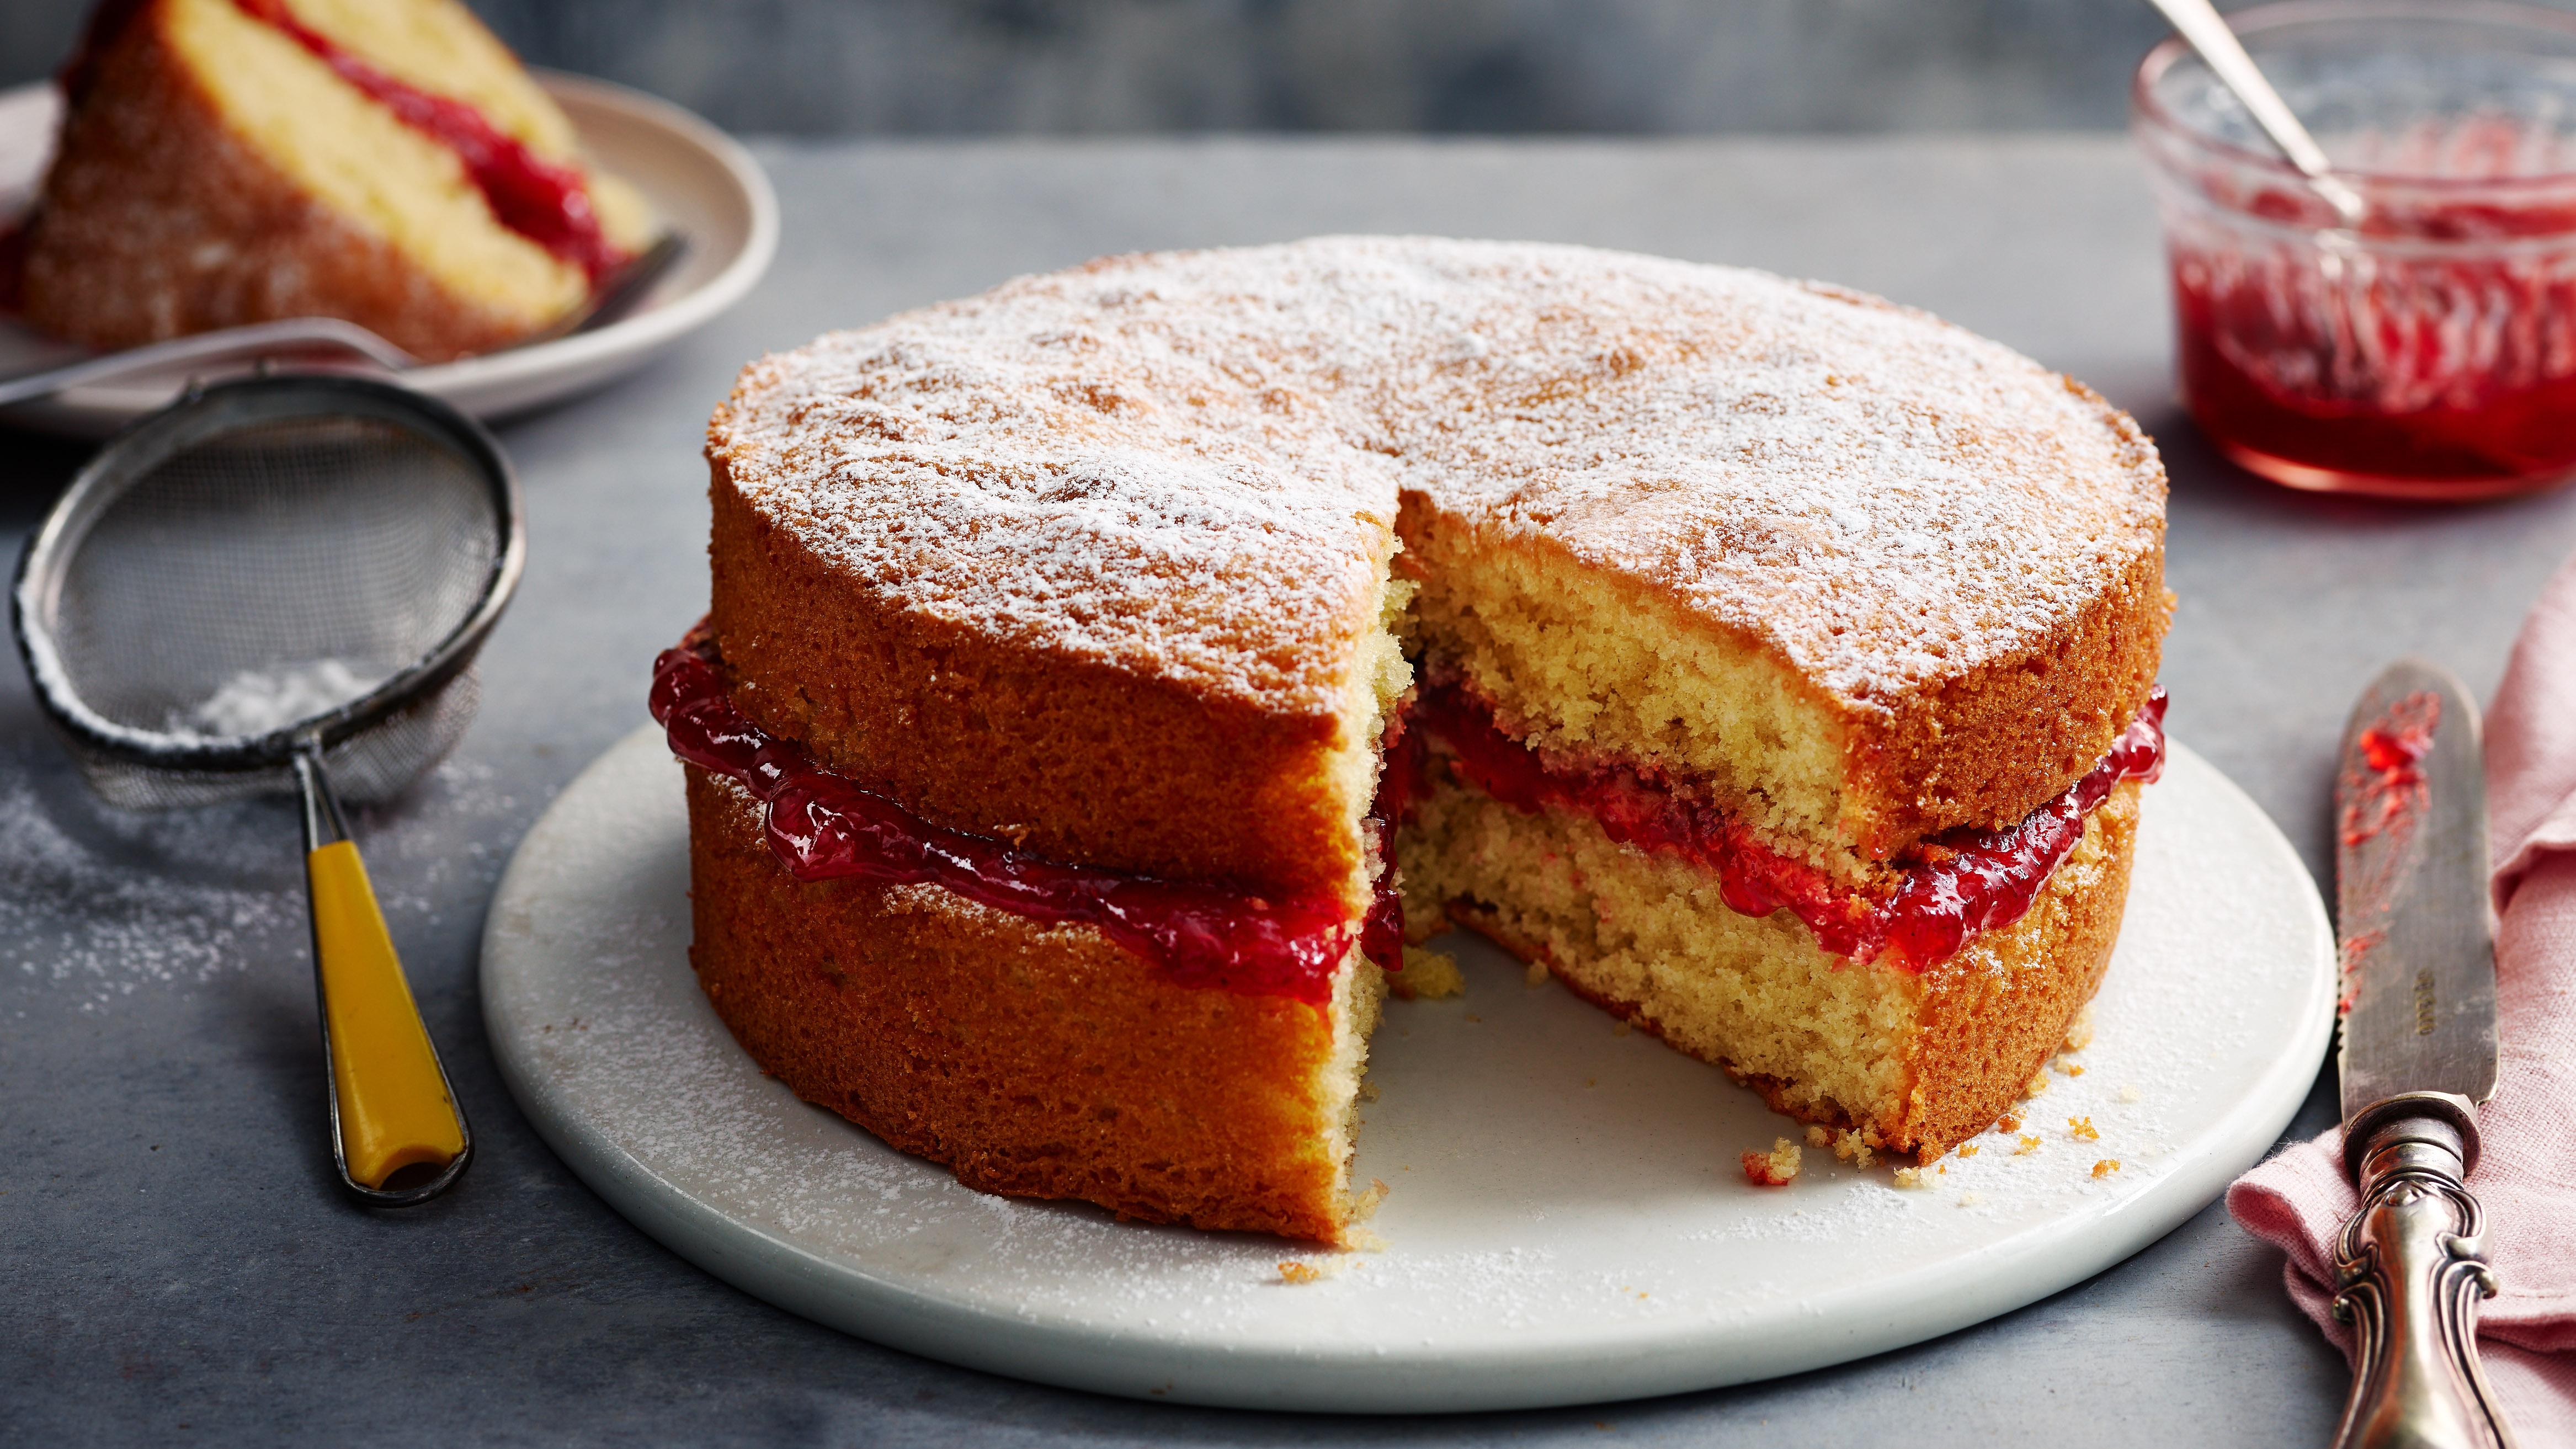 Resep Sponge Cake Istimewa